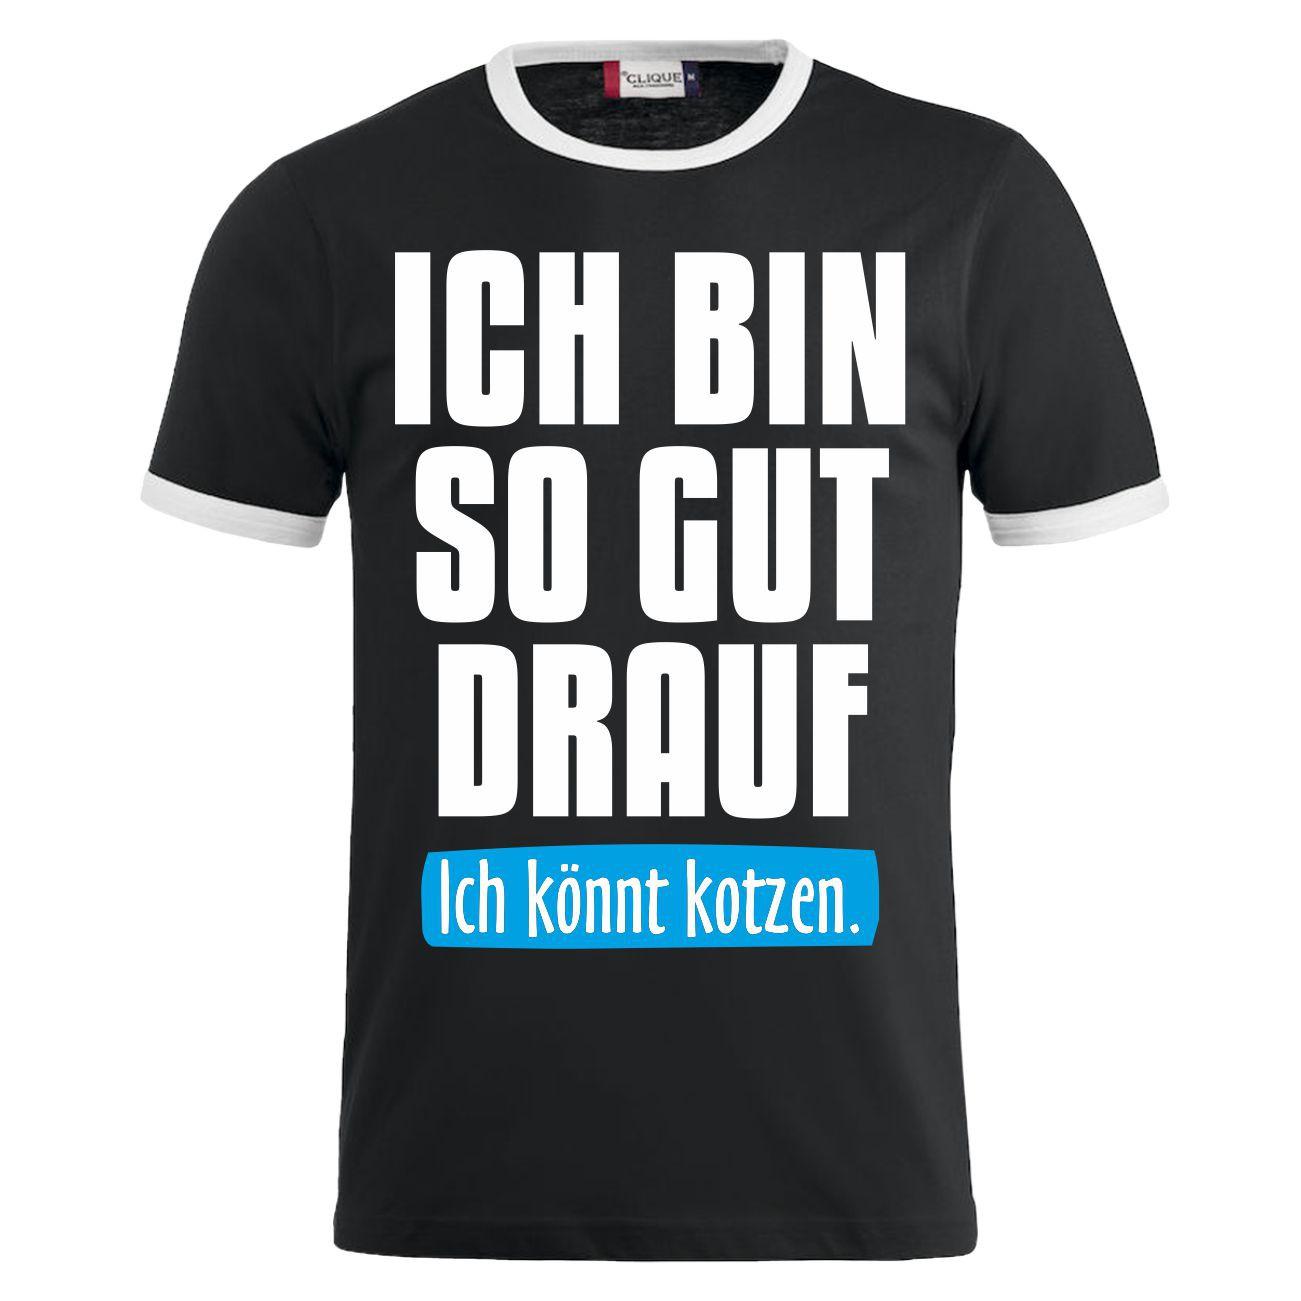 T Shirt Ich Bin So Gut Drauf Ich Könnte Kotzen Spruch Spass Fun